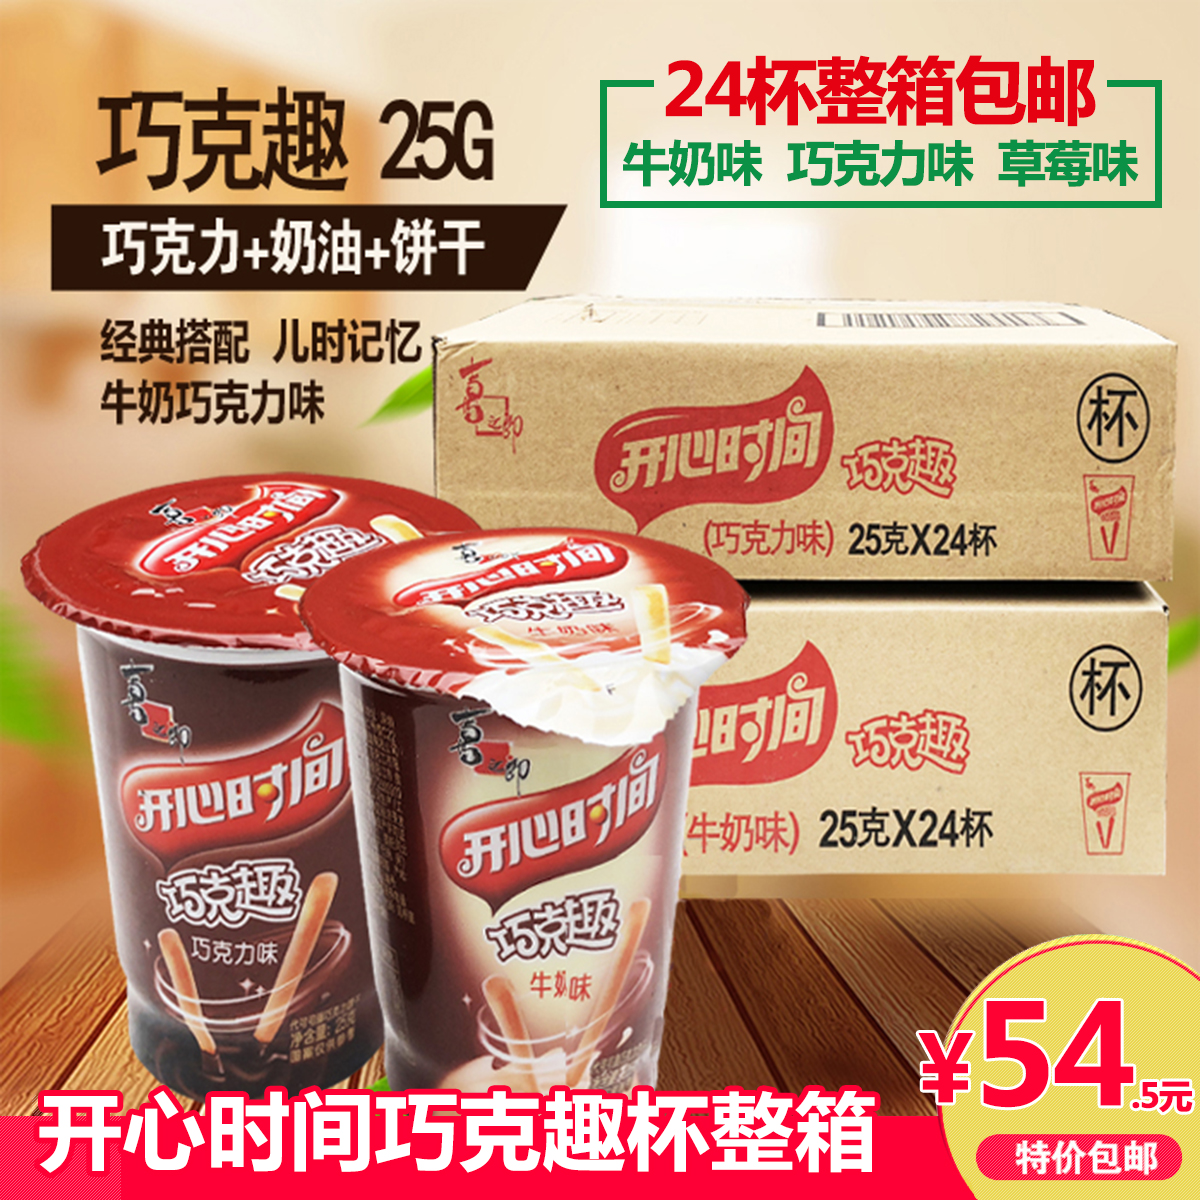 喜之郎开心时间巧克趣牛奶巧克力饼干 25g*24杯整箱装沾食饼干